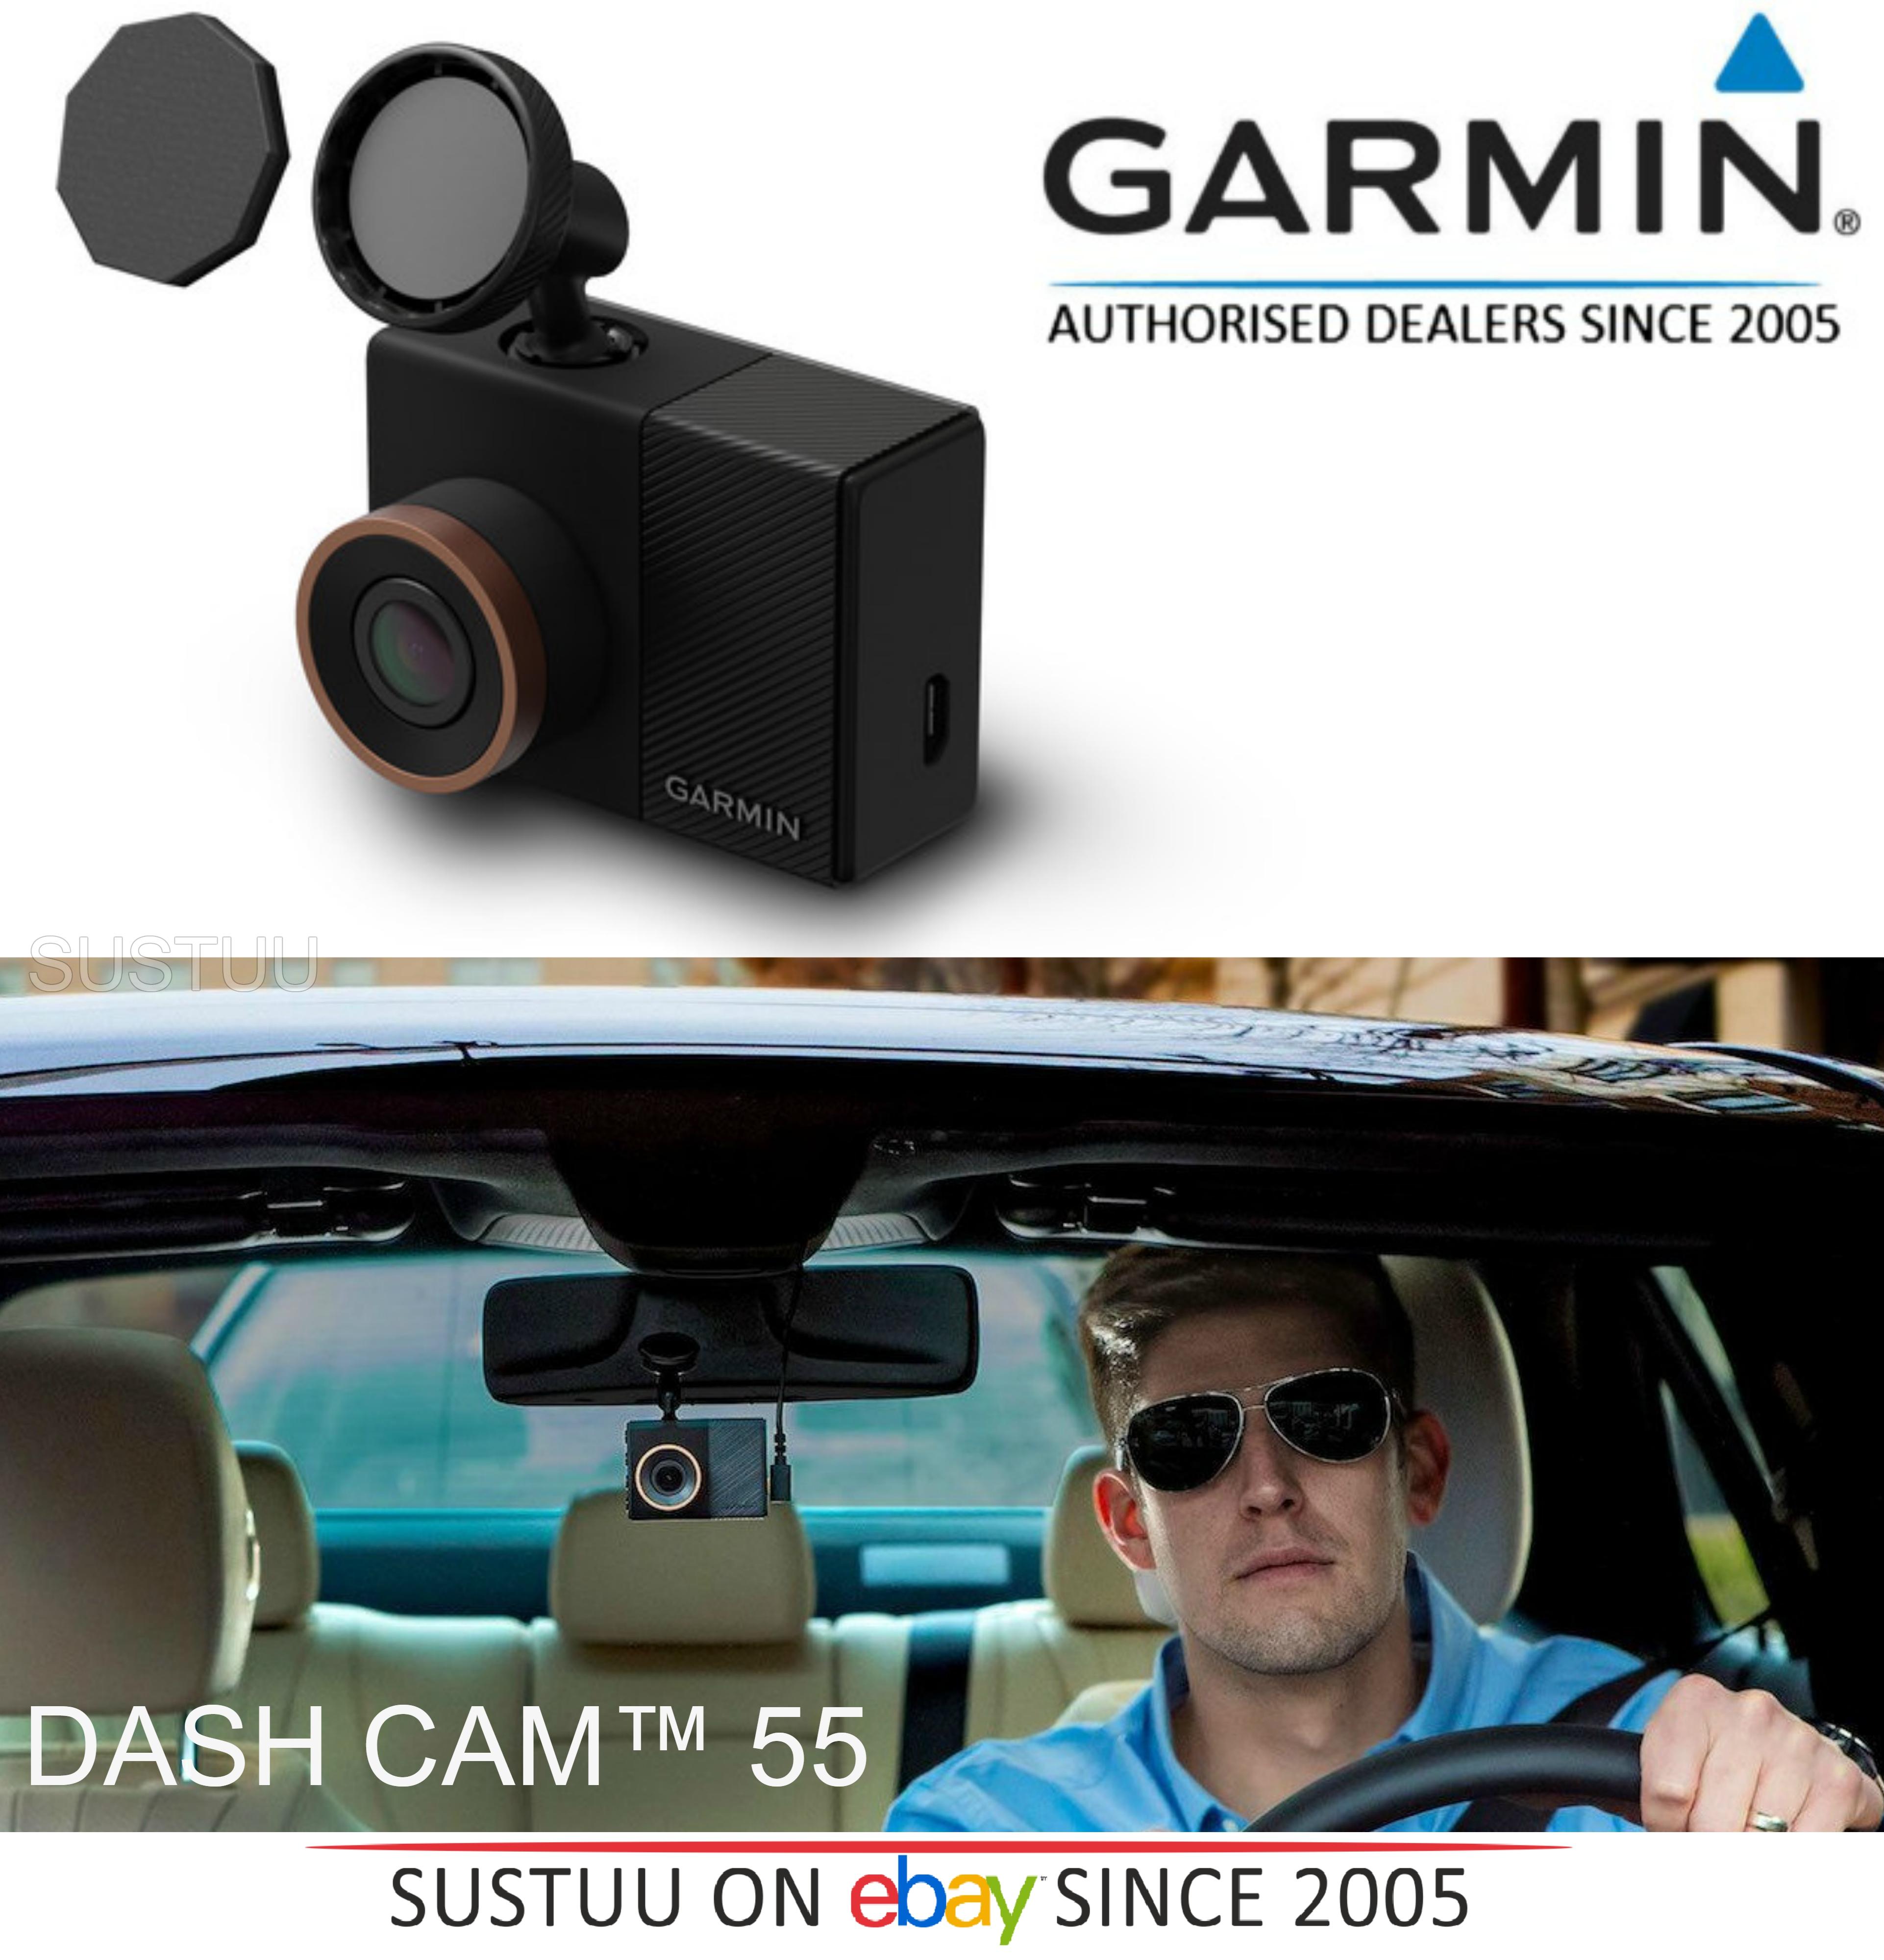 garmin dash cam 55 hq 1440p gps g sensor driving alerts. Black Bedroom Furniture Sets. Home Design Ideas